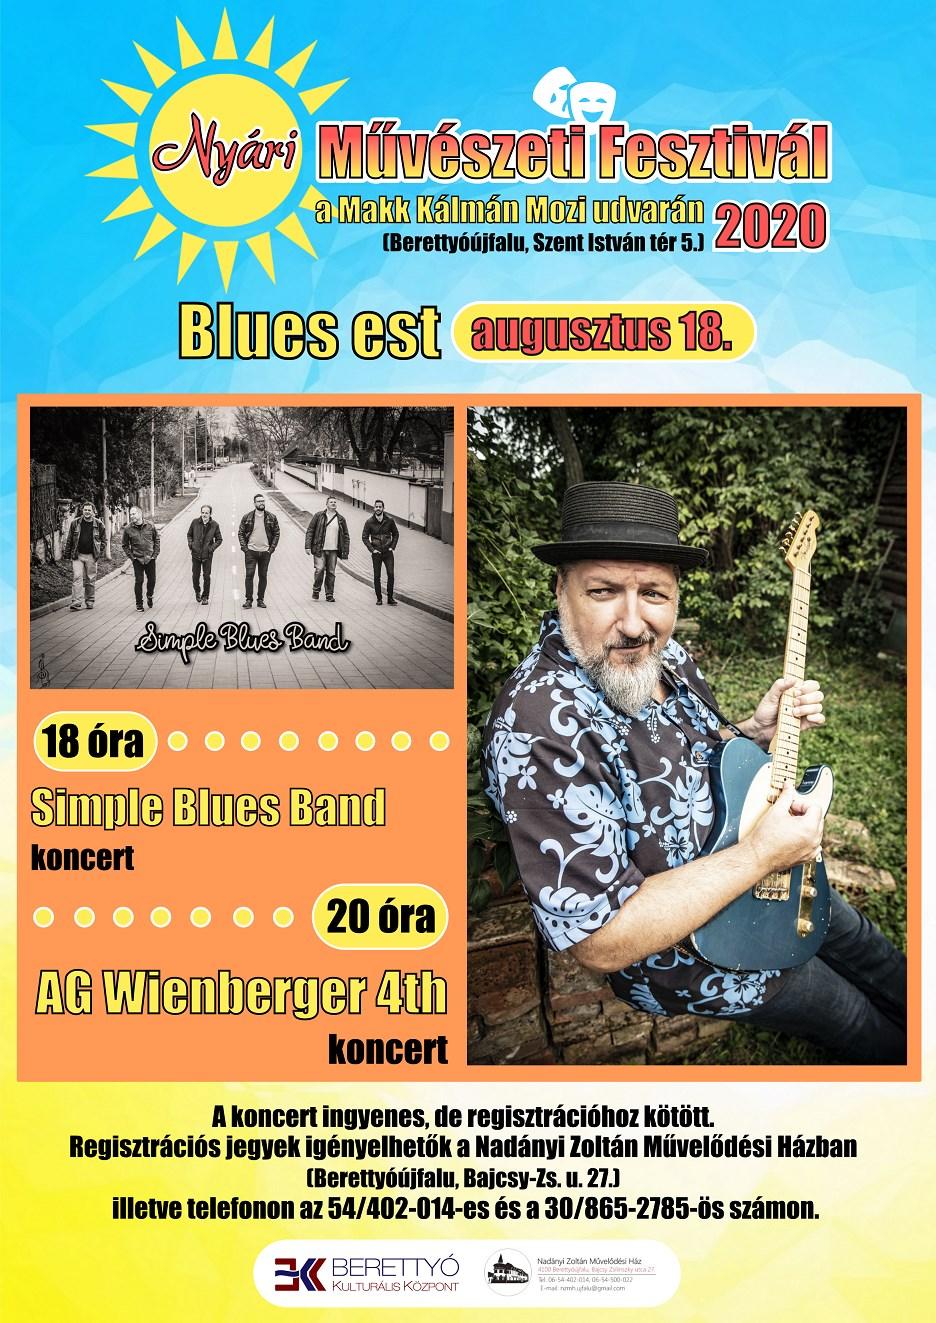 Nyári Művészeti Fesztivál - Blues est